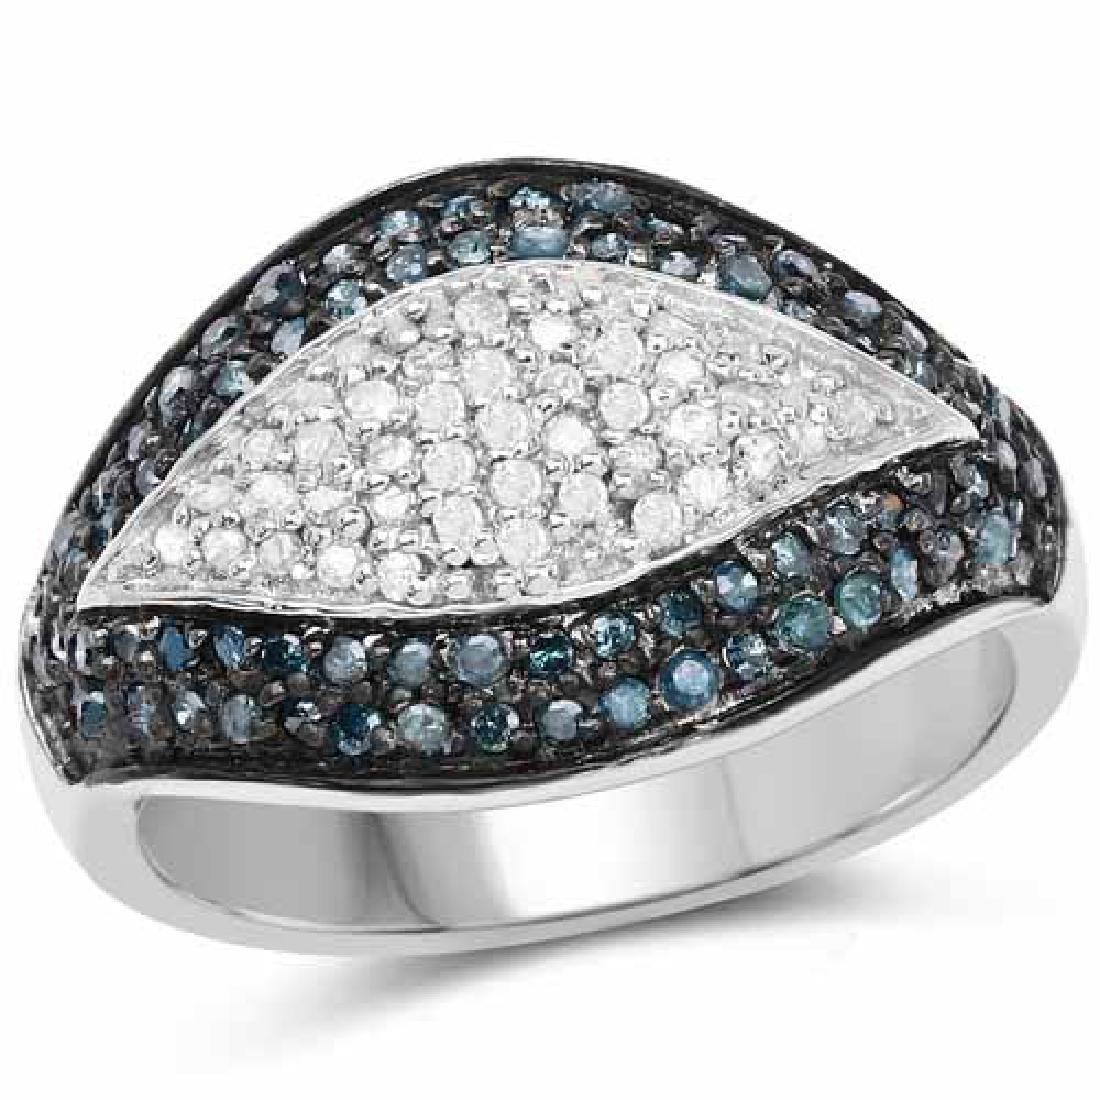 0.50 Carat Genuine Blue Diamond and White Diamond .925